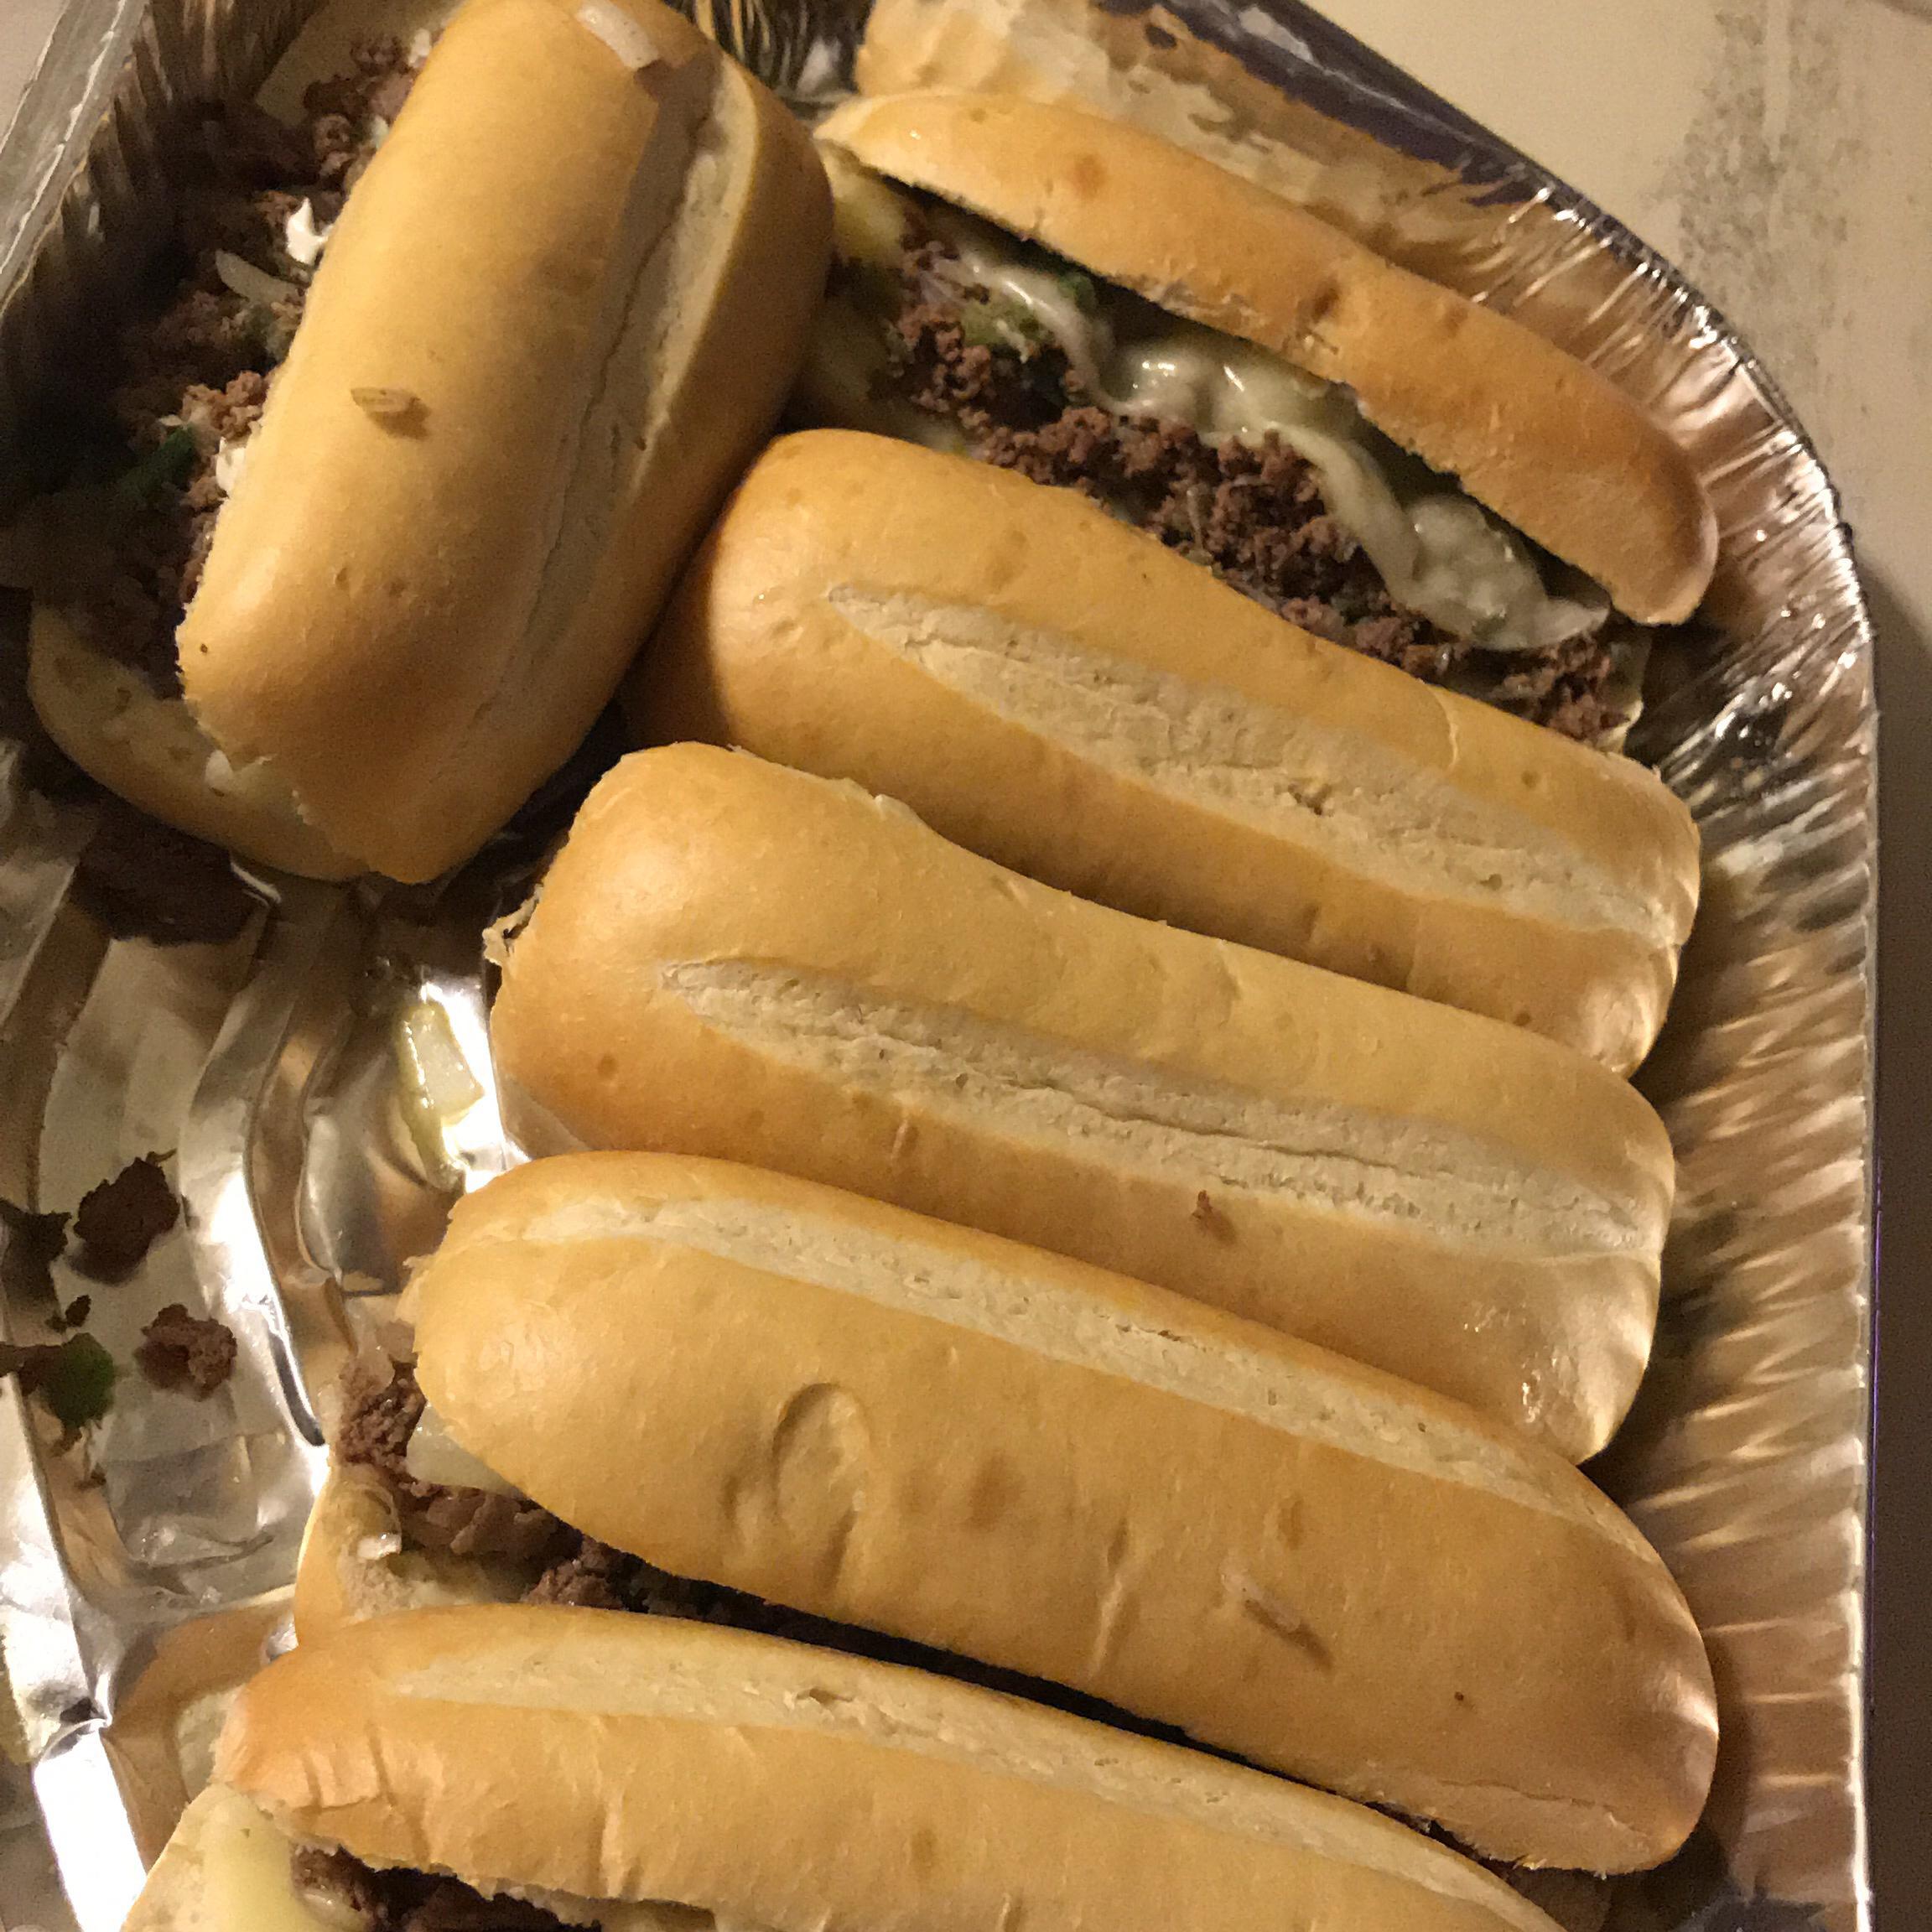 Philly Cheese Steak Traquia Townsend